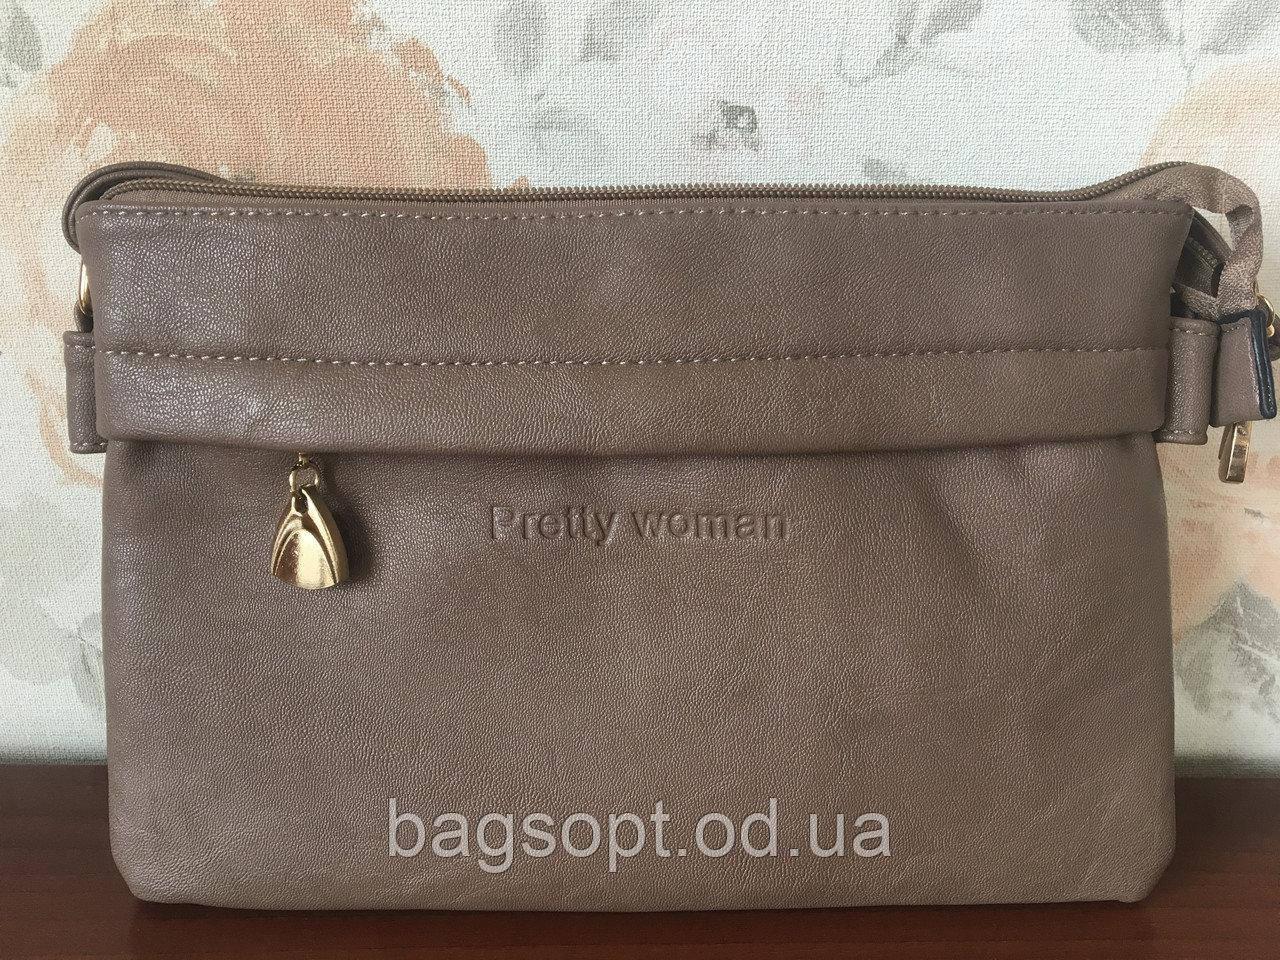 Женский клатч сумка с плечевым ремнем Pretty Woman цвета кофе с молоком Одесса 7 км